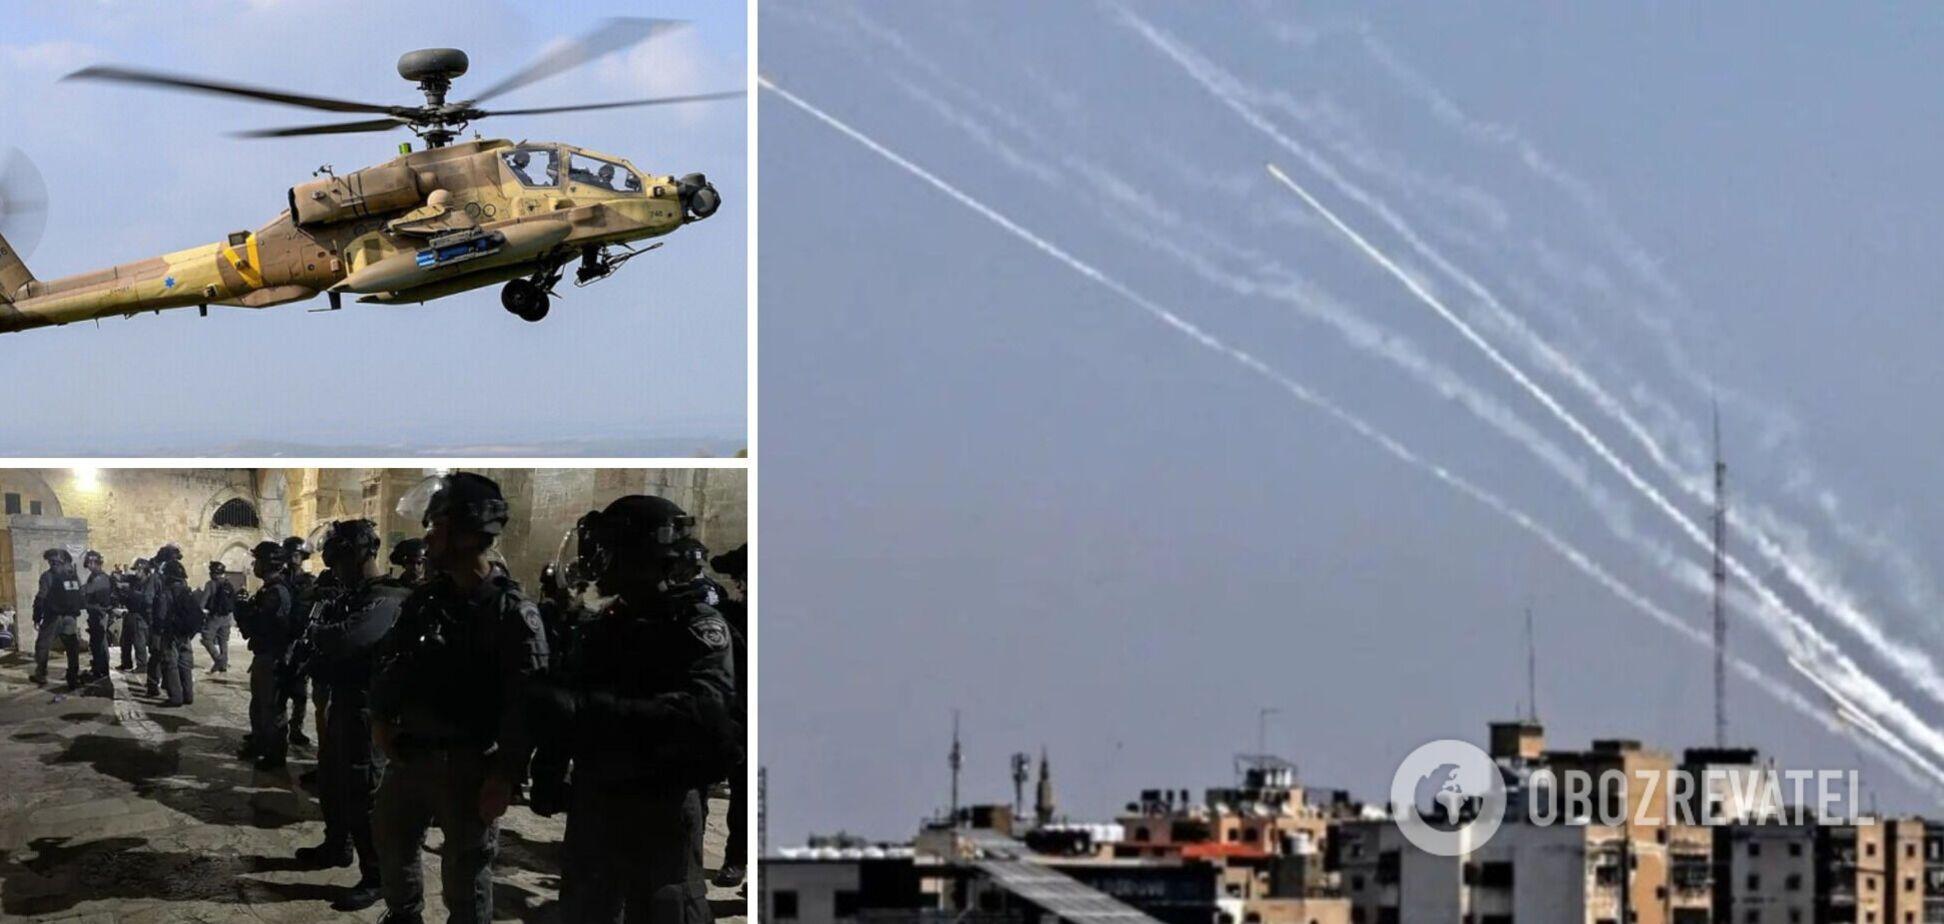 Ізраїль відмовився від обстрілів об'єктів, де є діти, ХАМАС же продовжив атаку. Показові кадри